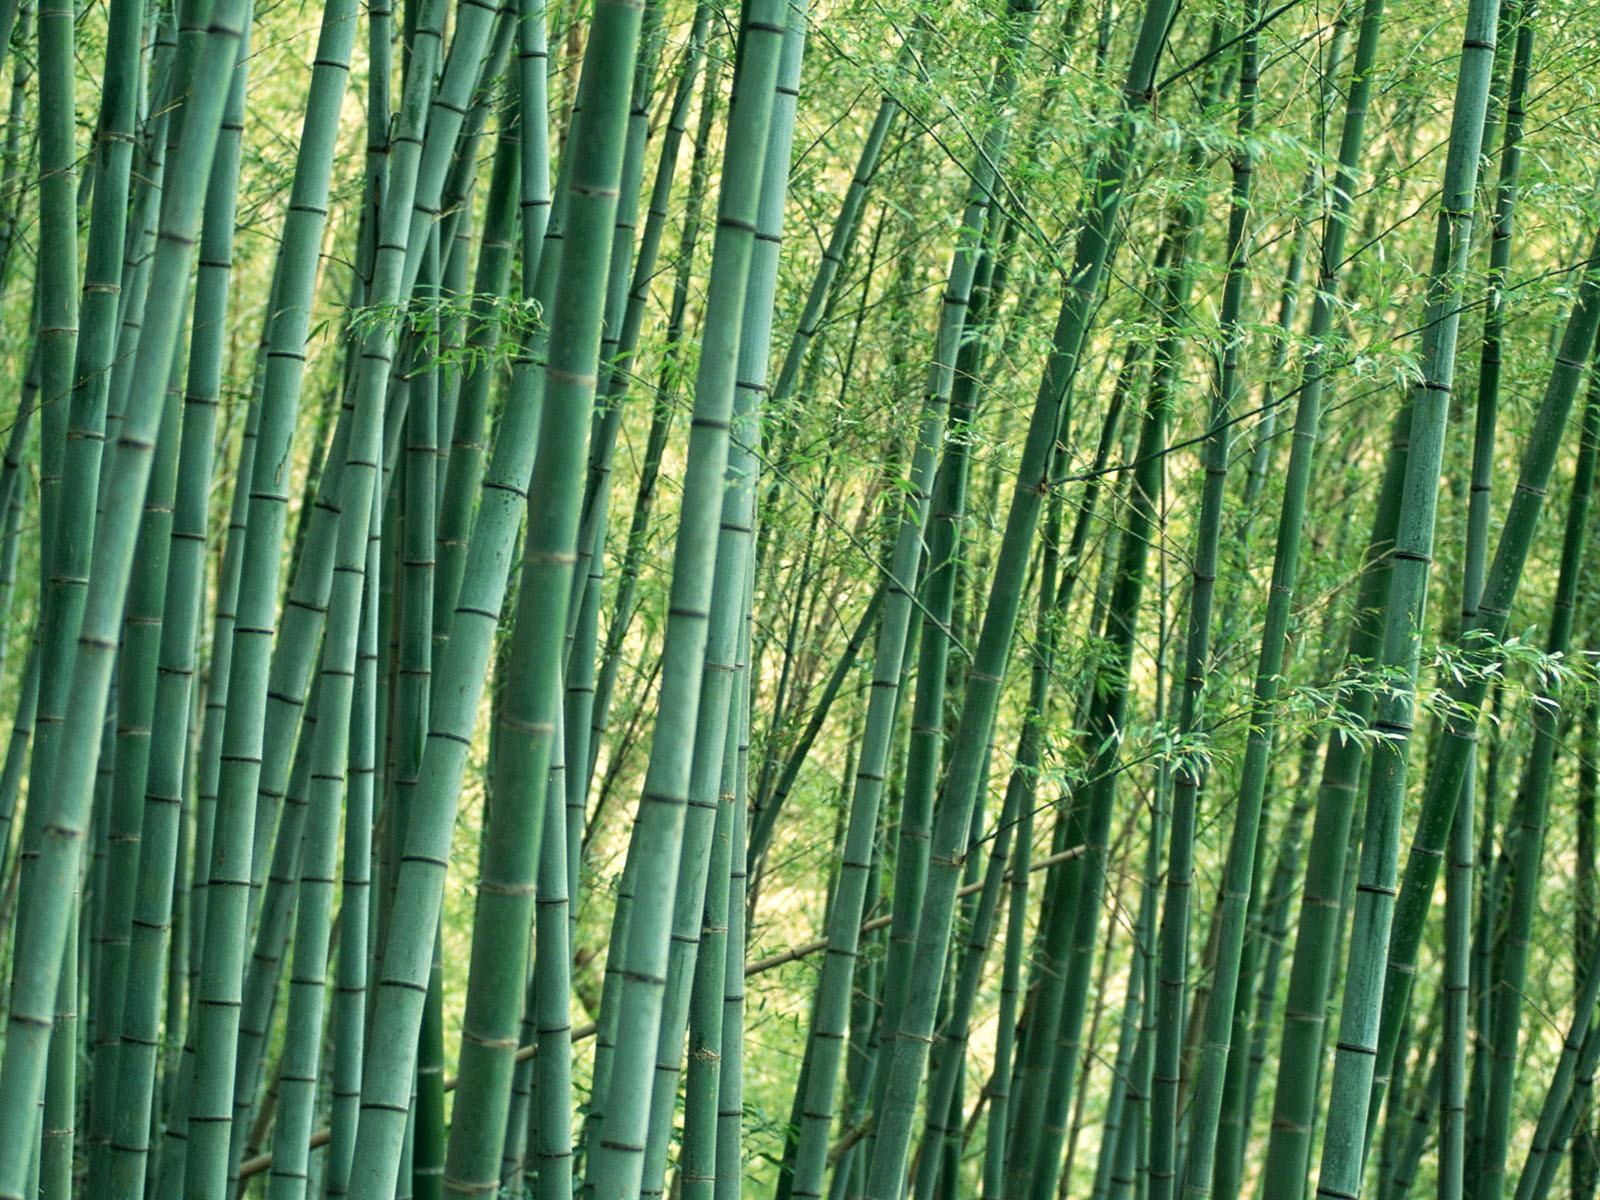 http://4.bp.blogspot.com/-eAwg18f4V3w/TqwP99eGMII/AAAAAAAABbU/-HVEciESAvE/s1600/bamboo-trees_wallpaper.jpg